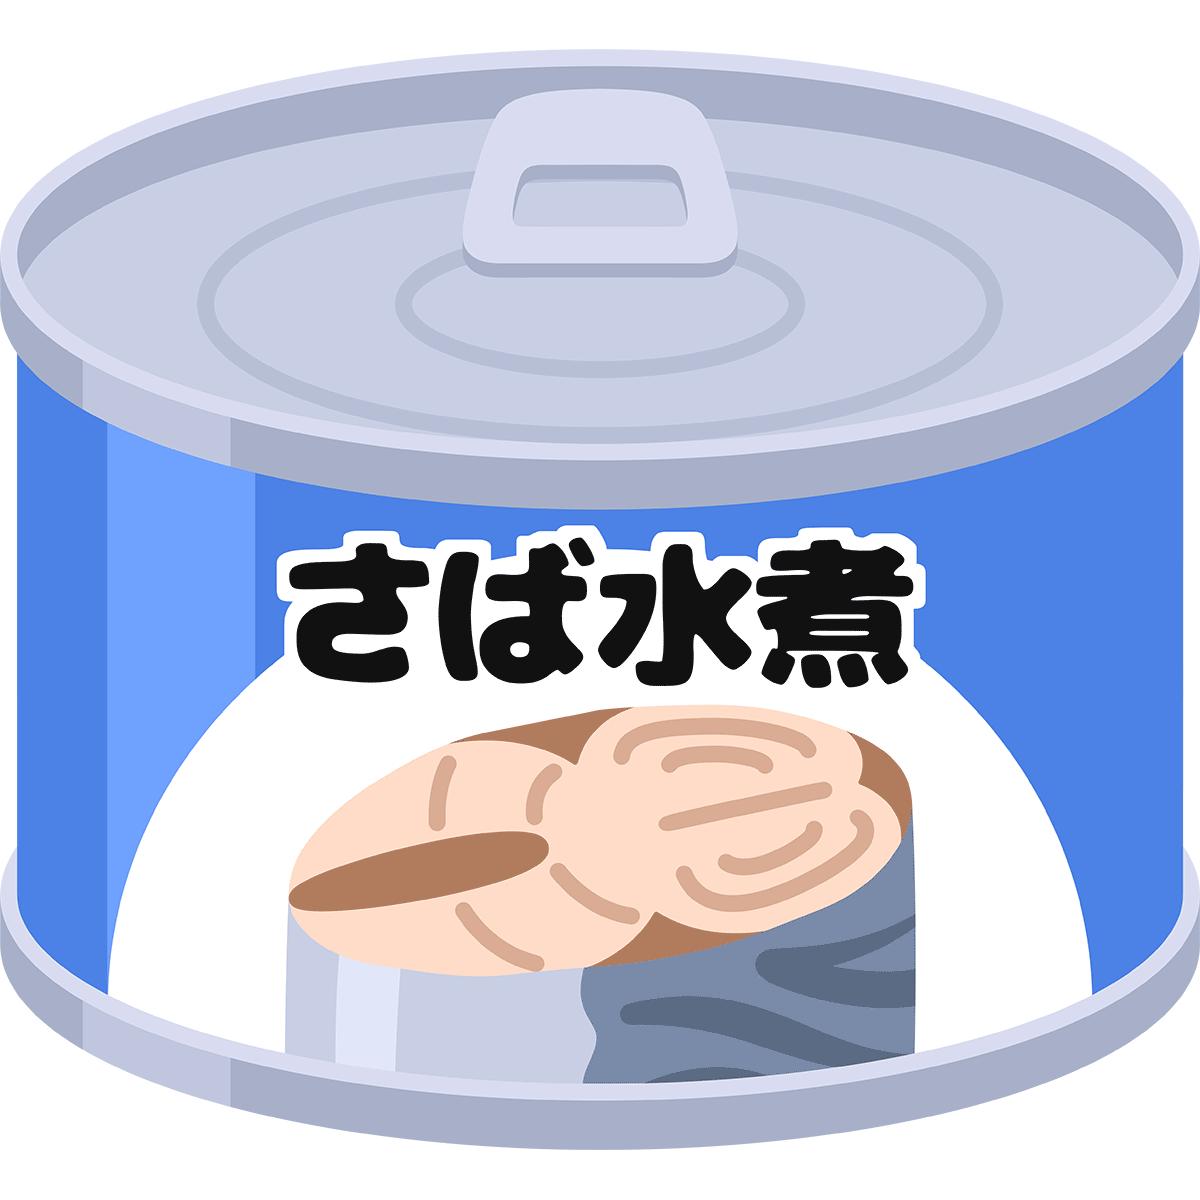 サバ缶(水煮) | 無料イラスト&かわいいフリー素材集 ねこ画伯コハクちゃん